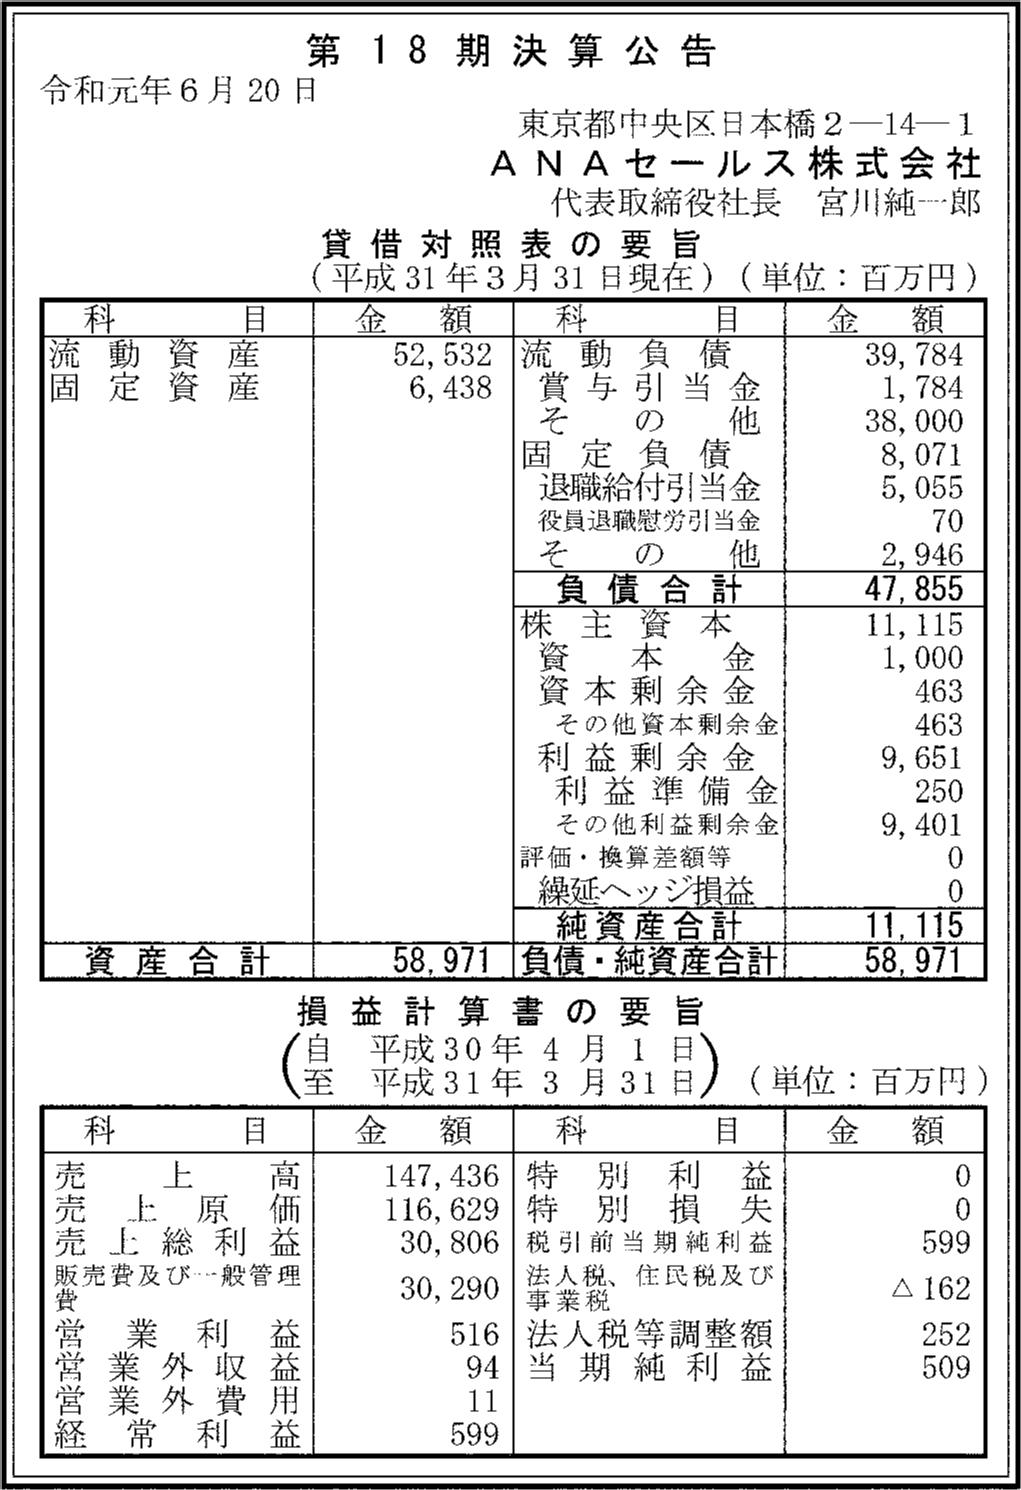 0254 eb25a4a34e35be4188acc73c1bb52317f3de8a72ad905dafcf483abc4322dce71e8304249e45ab24c339320130c26602df0b4fdb222fdf351cd7860f173e125d 03